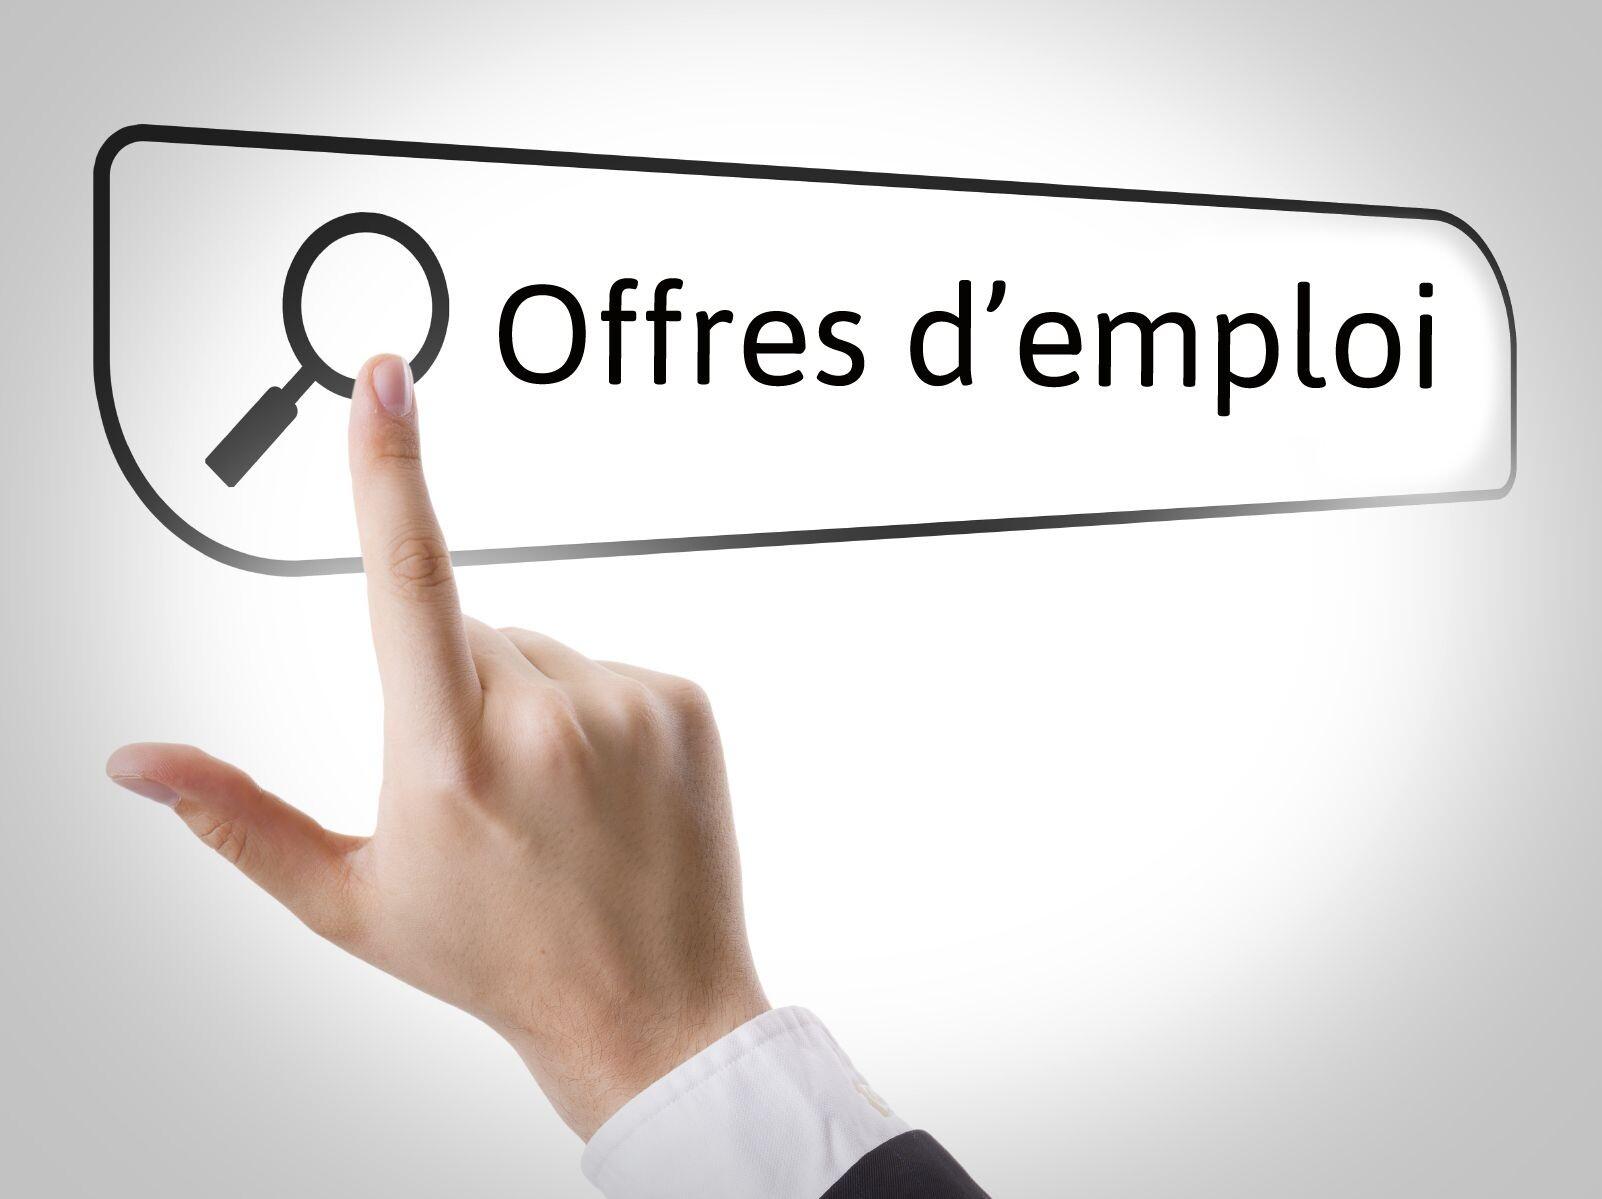 Recherchez des offres d'emploi avec grounwhijwgg.cf Découvrez les tendances du marché: actu, entreprises qui recrutent, métiers, salaires dans votre région.